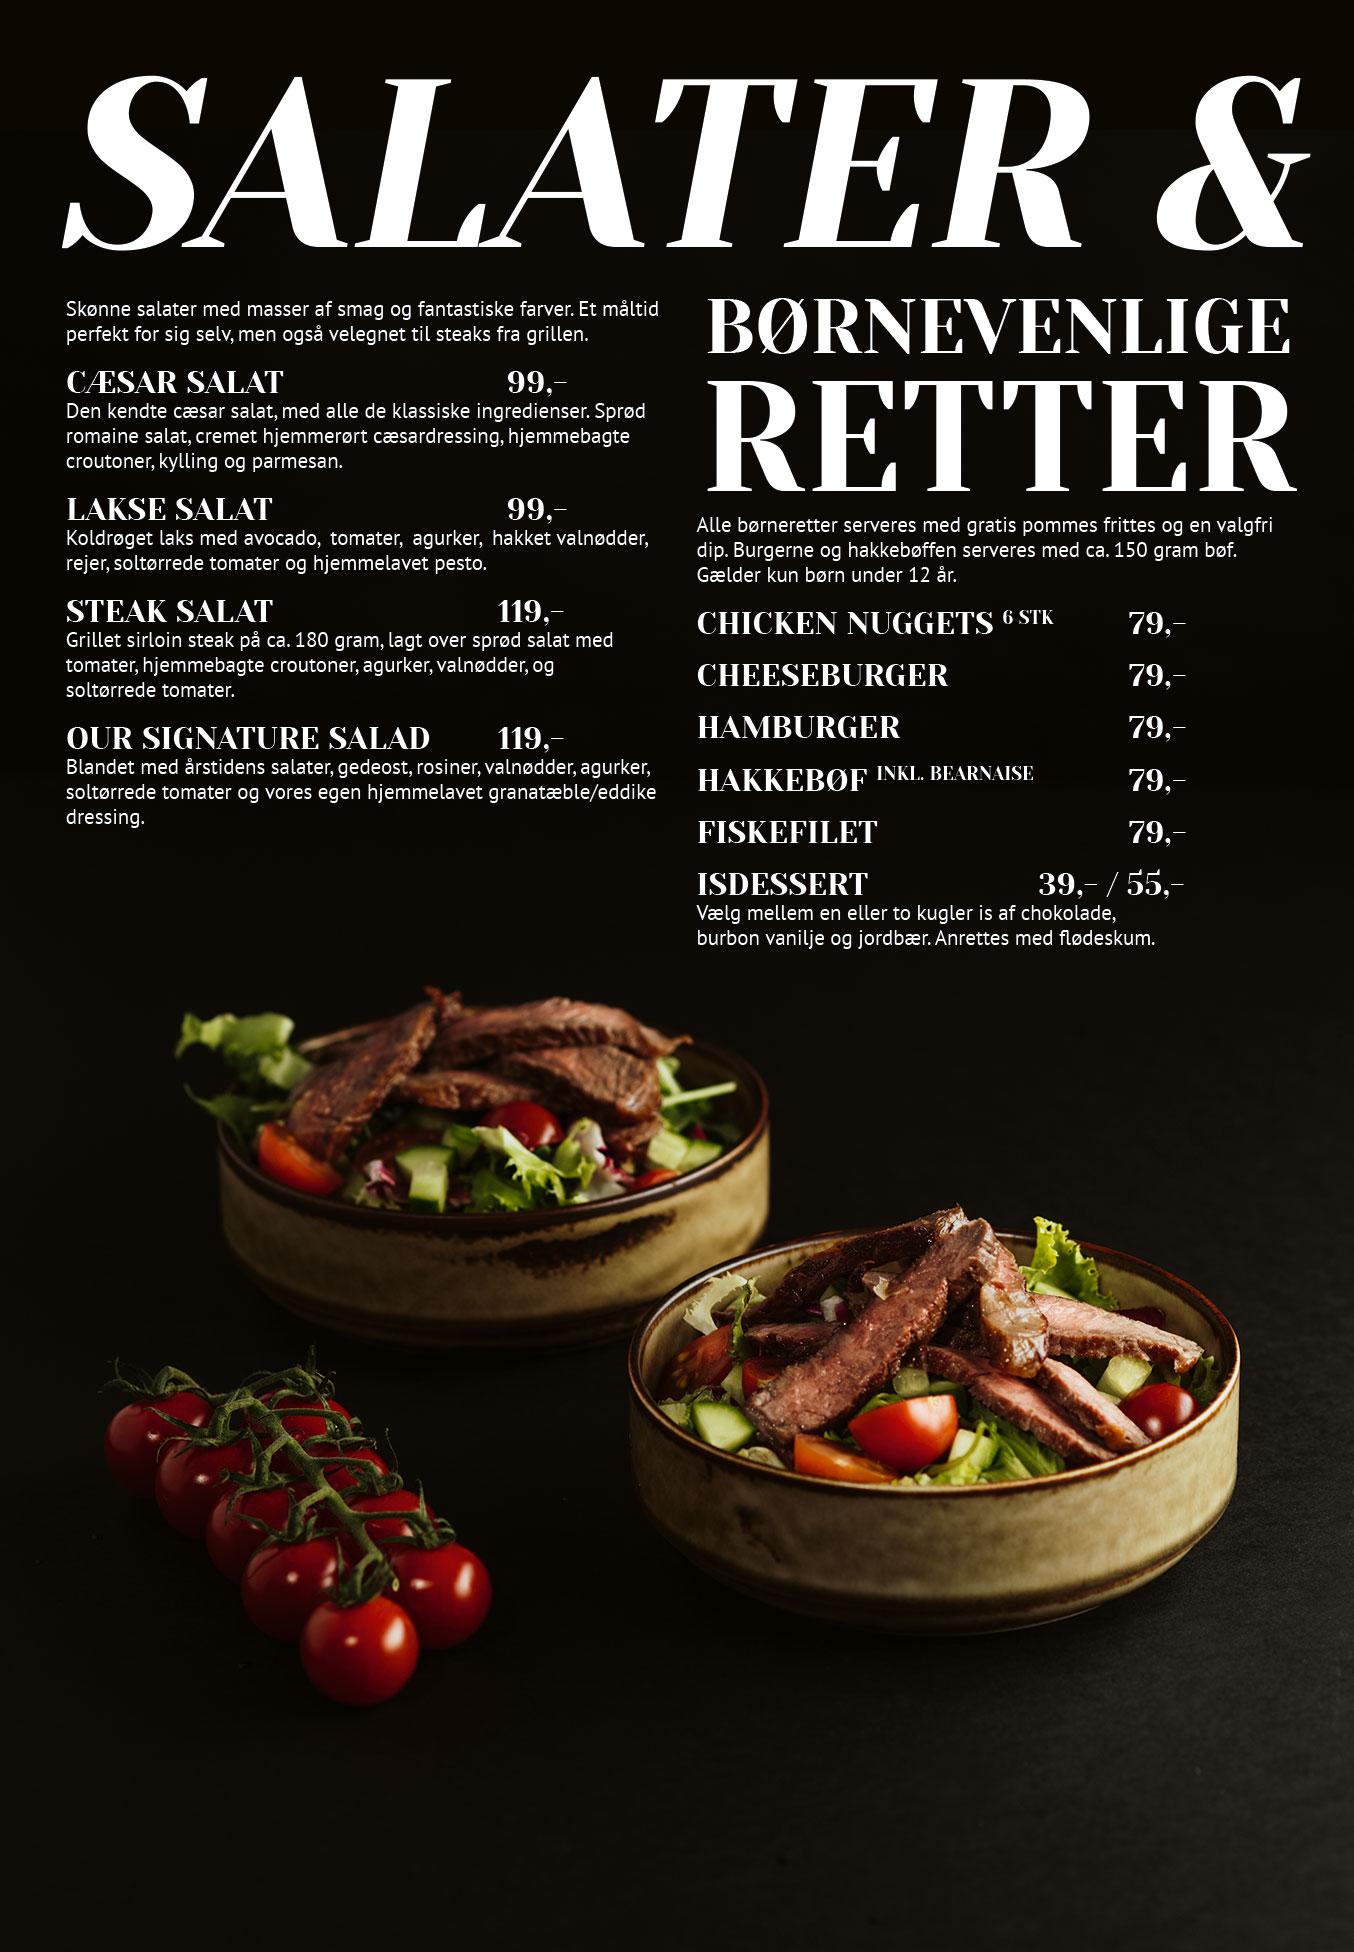 Side 4: Salater og børnevenlige retter